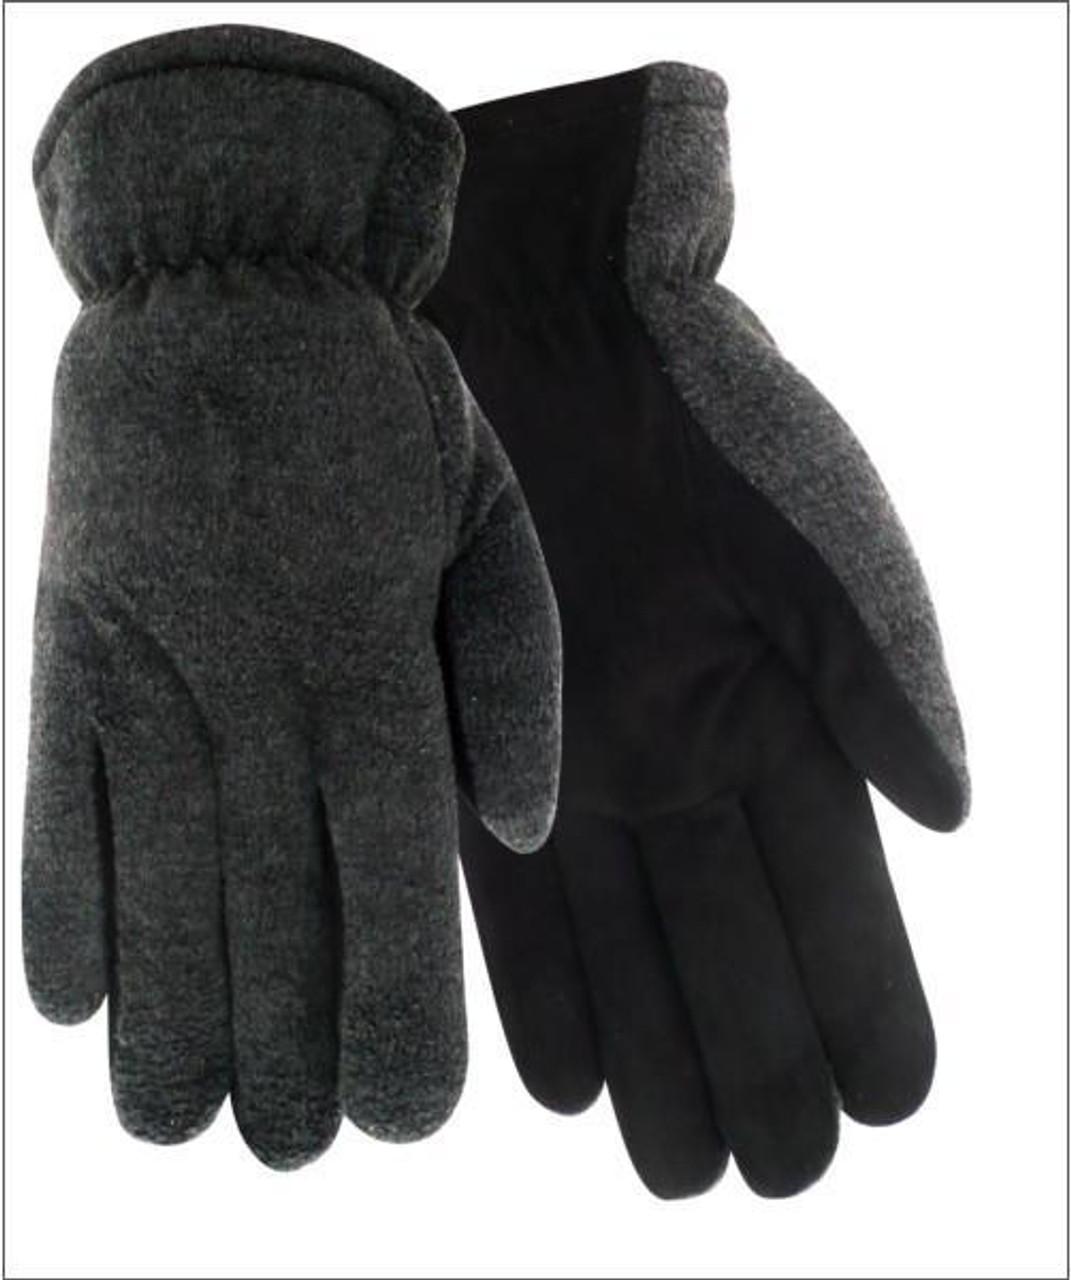 Lined Suede Deerskin Glove